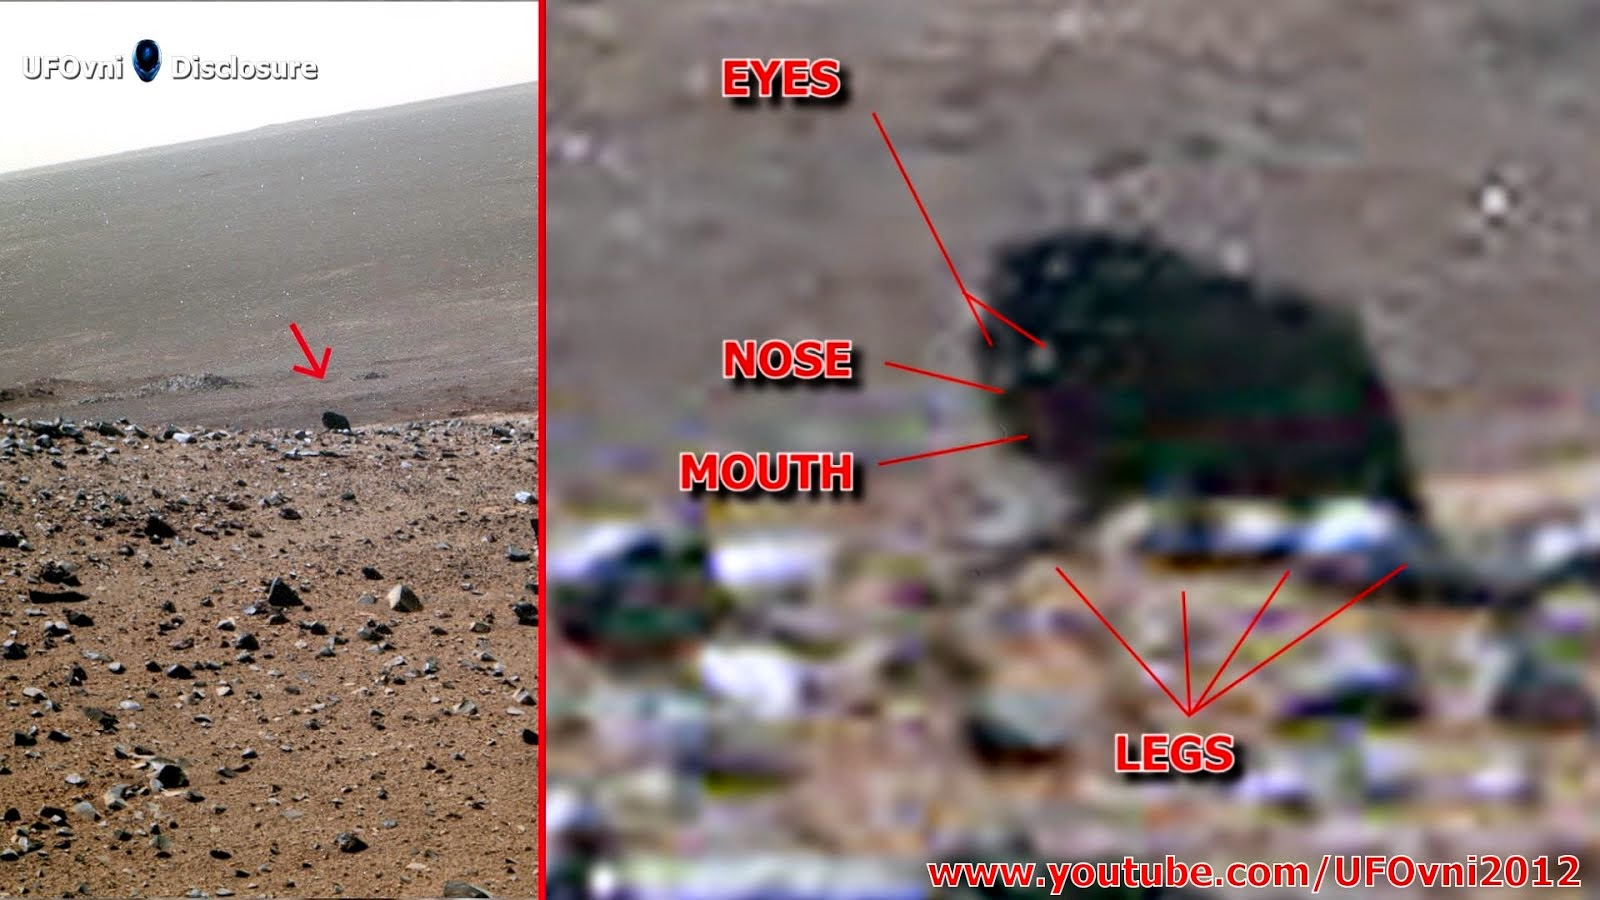 Possible créature sombre à quatre pattes pris à la caméra par Opportunity Mars Rover